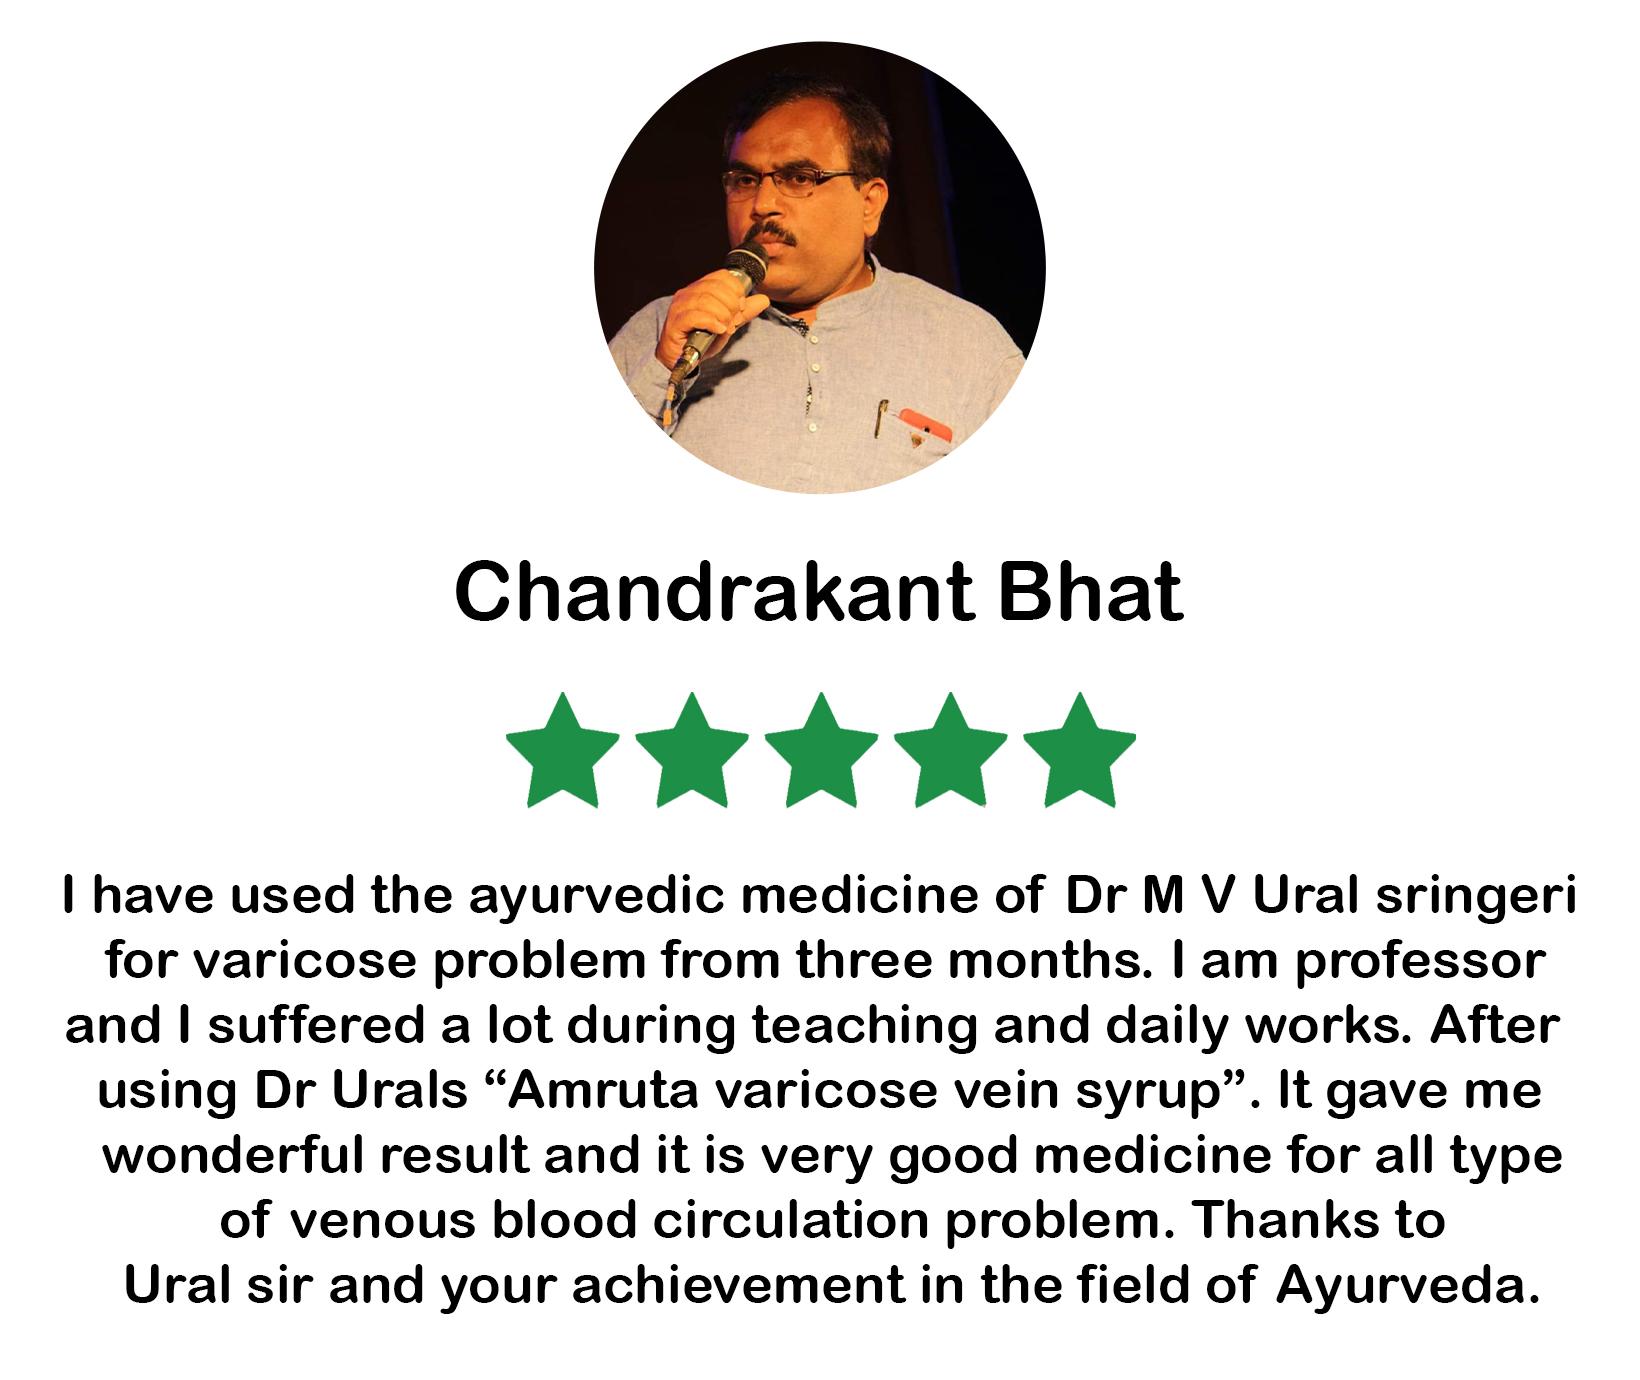 2 Chandrakant Bhat